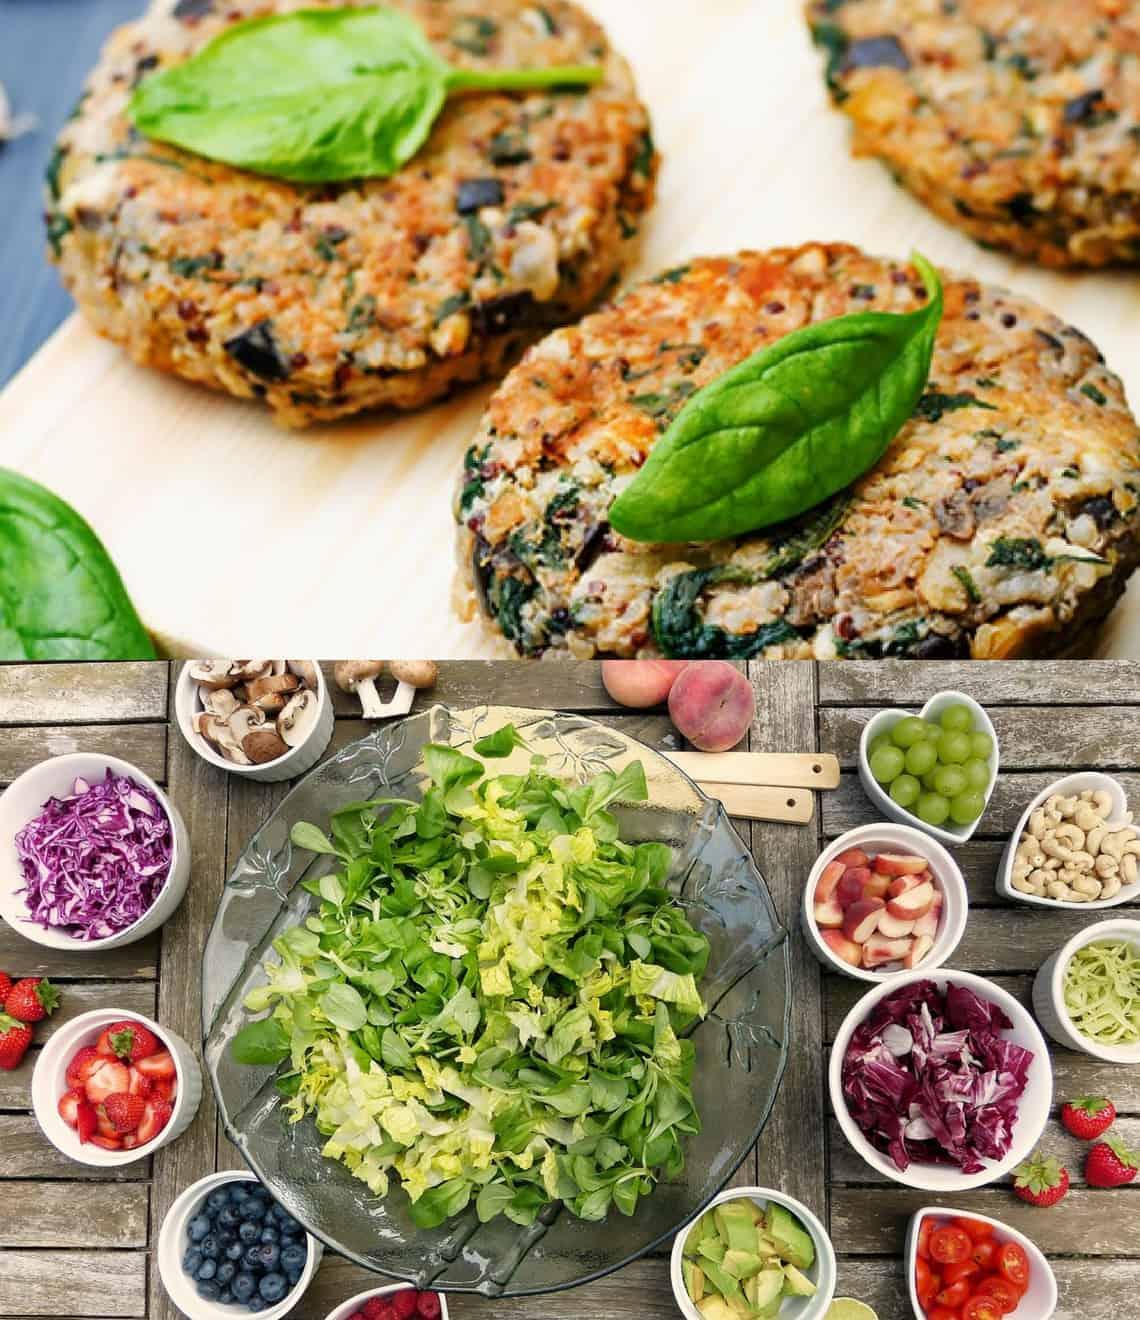 Plan de 7 días para adelgazar con la dieta vegana de 1200..